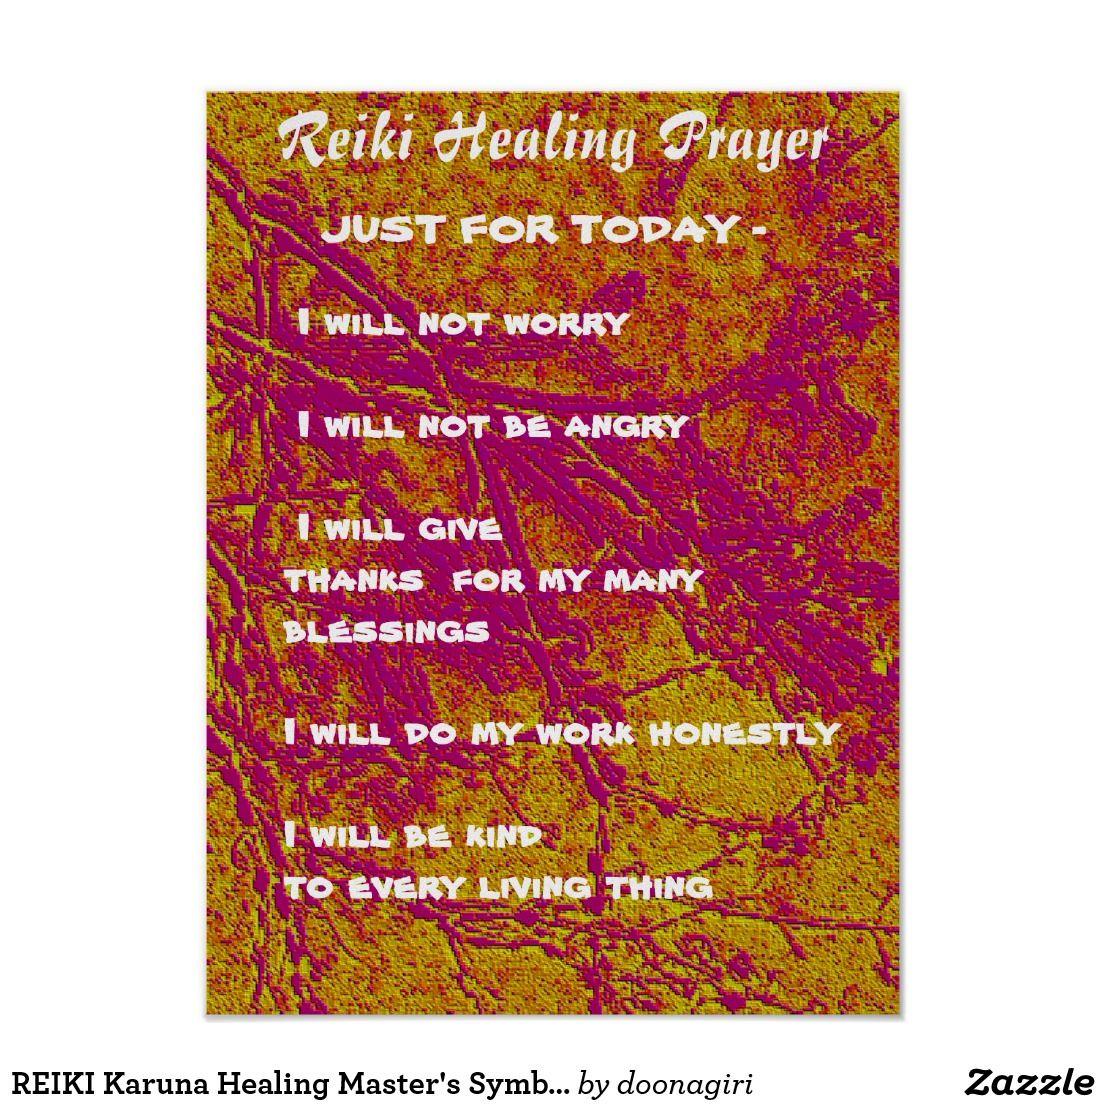 Karuna healing masters symbols poster reiki karuna healing masters symbols poster biocorpaavc